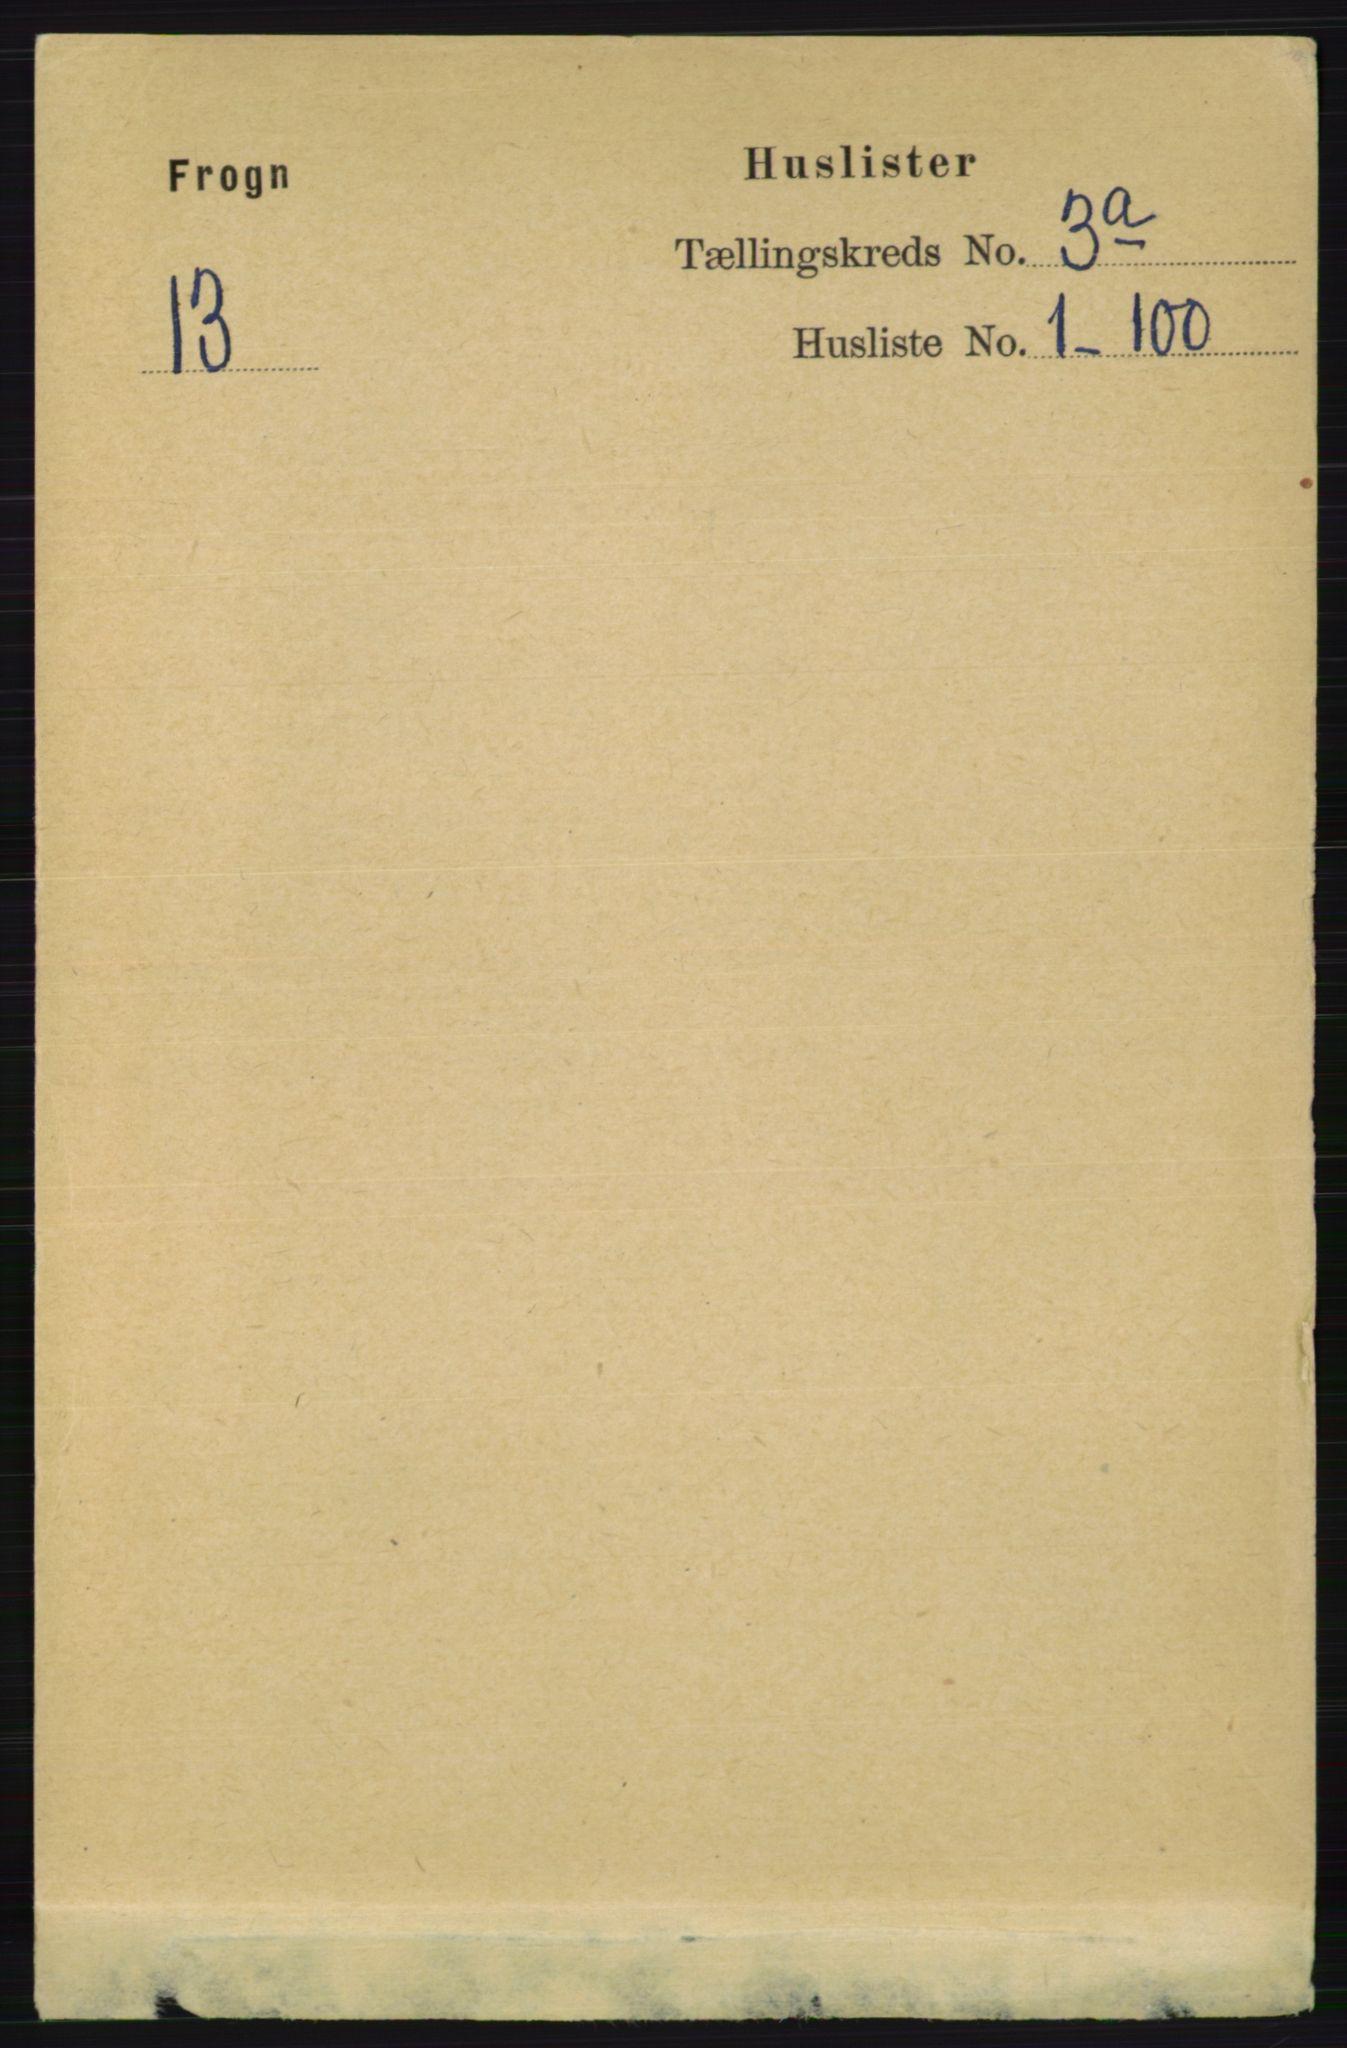 RA, Folketelling 1891 for 0215 Frogn herred, 1891, s. 1803